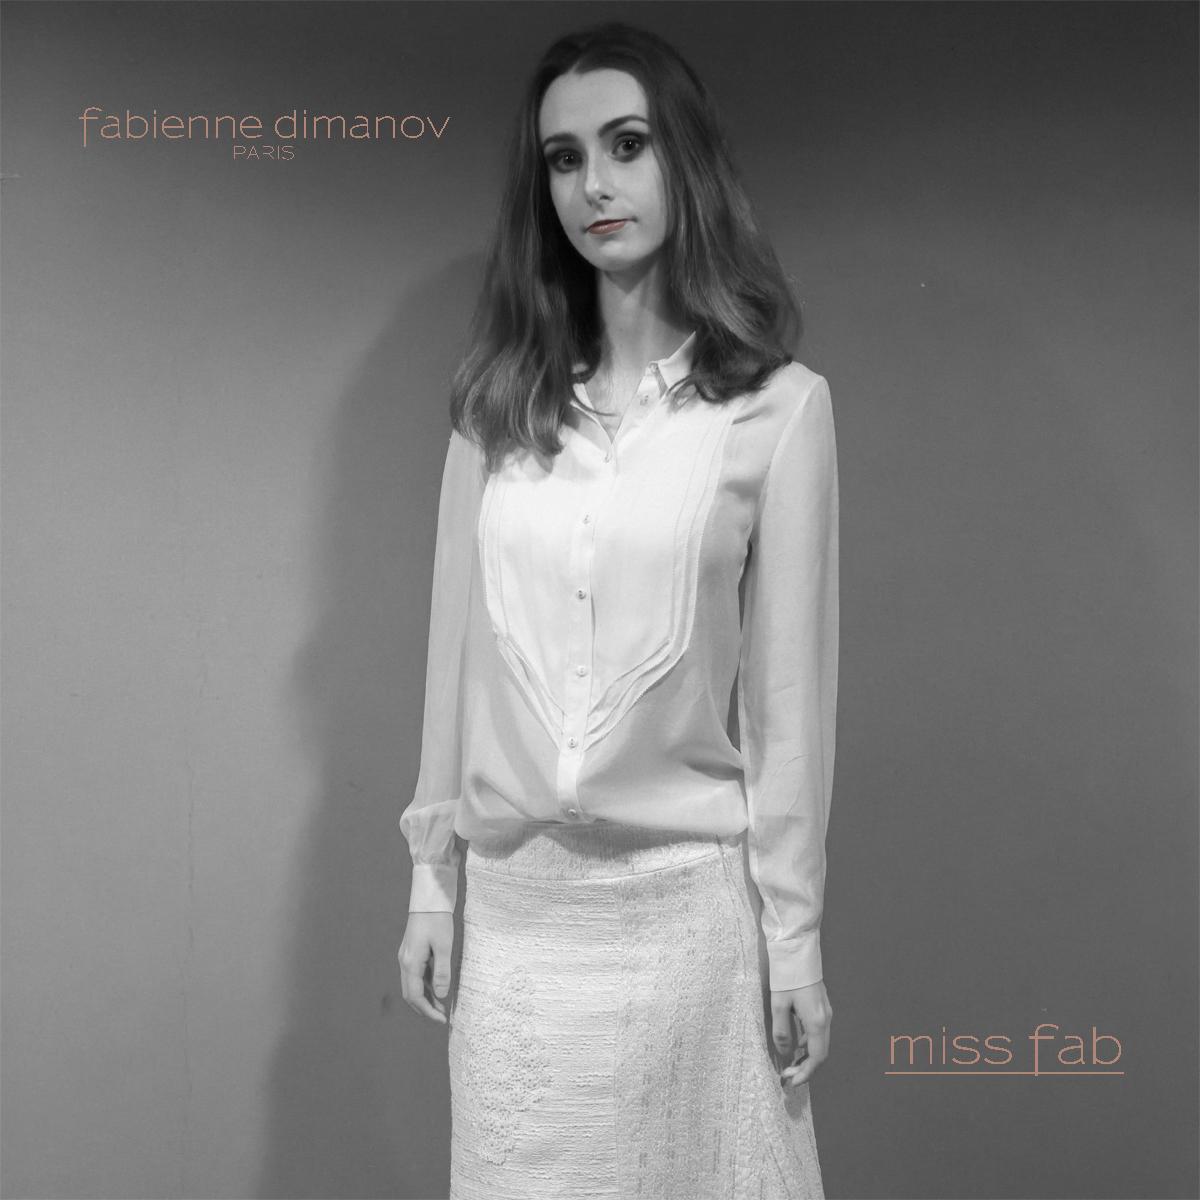 CIEL DE COTON - MISS FAB - Fabienne Dilanov Paris